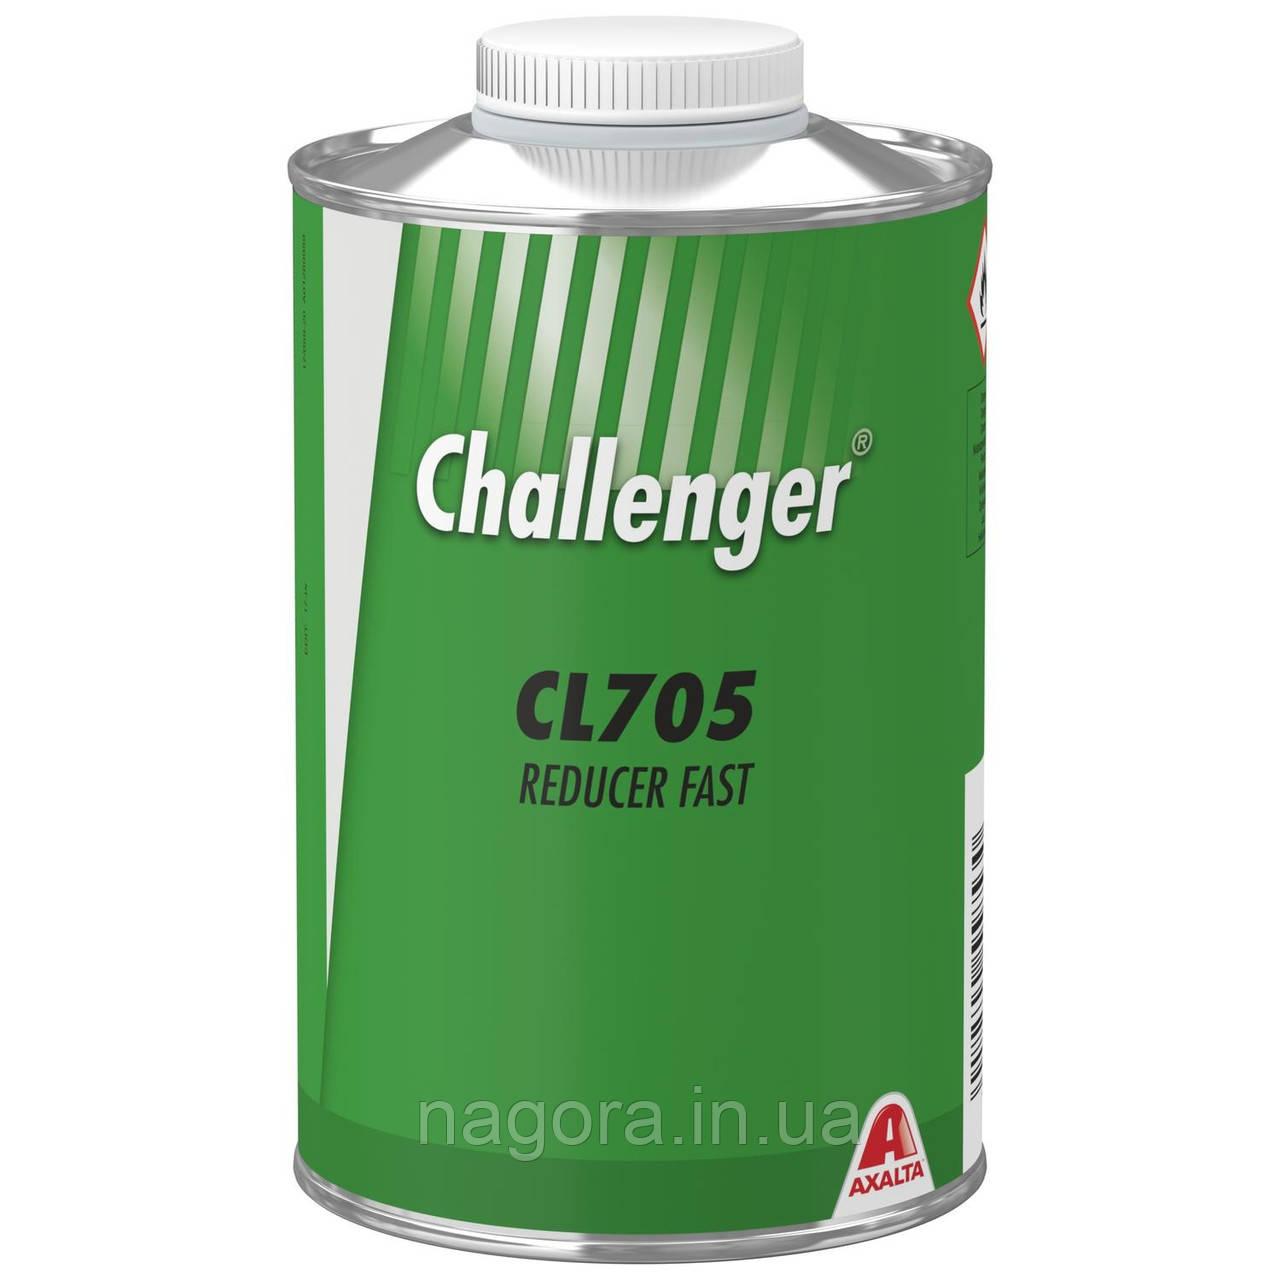 Разбавитель акриловый Challenger Reducer, быстрый (1л)